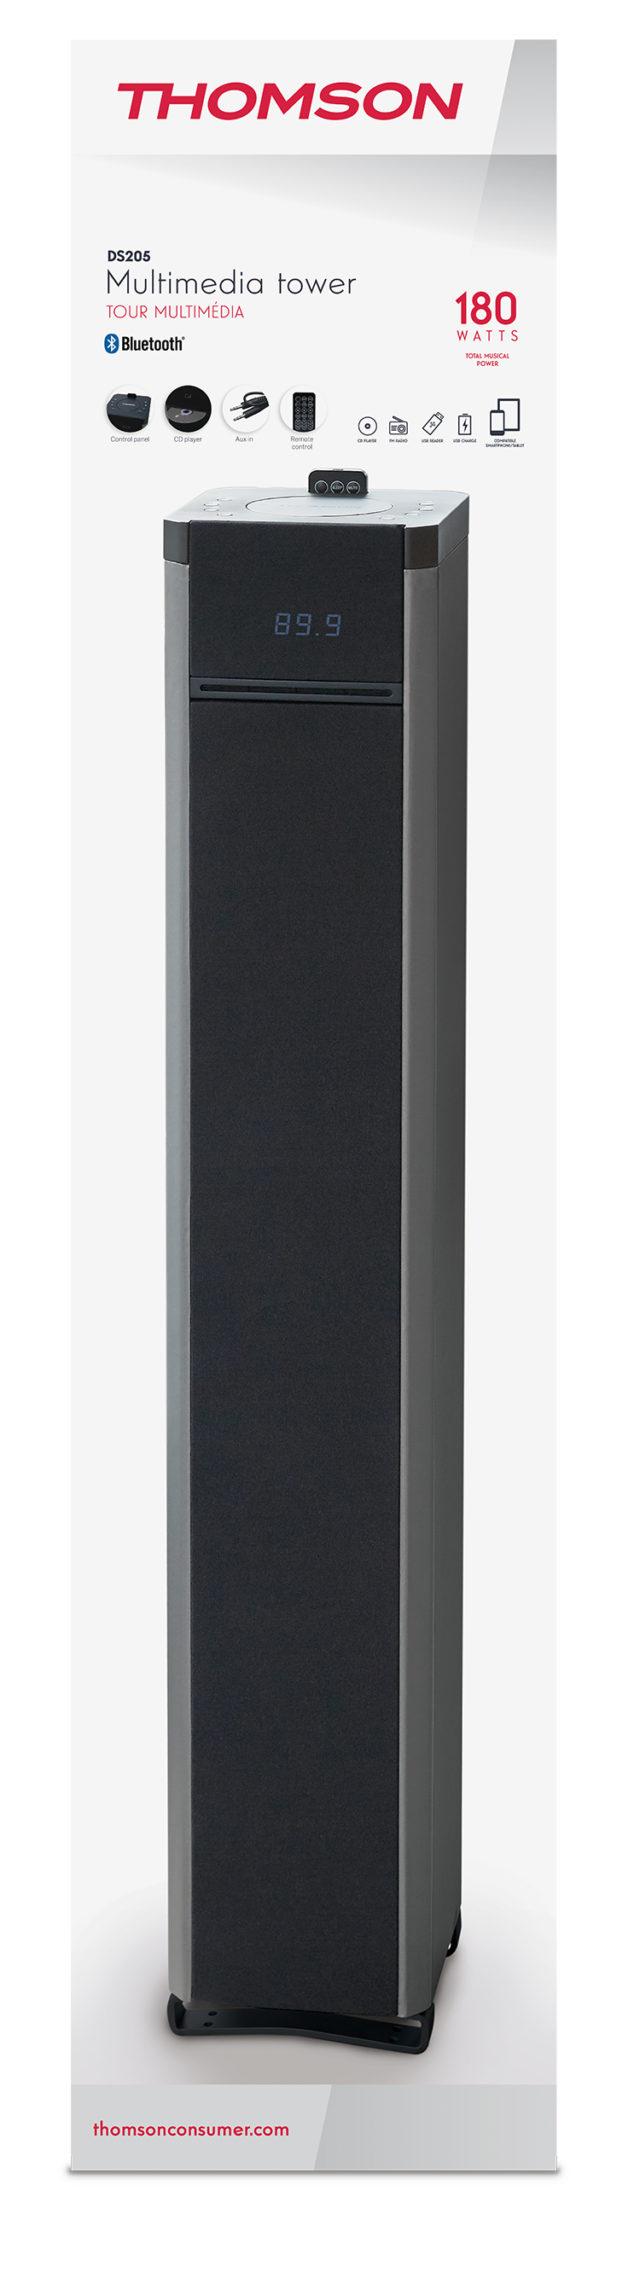 2.1CH multimedia tower (black) – Image  #2tutu#4tutu#6tutu#7